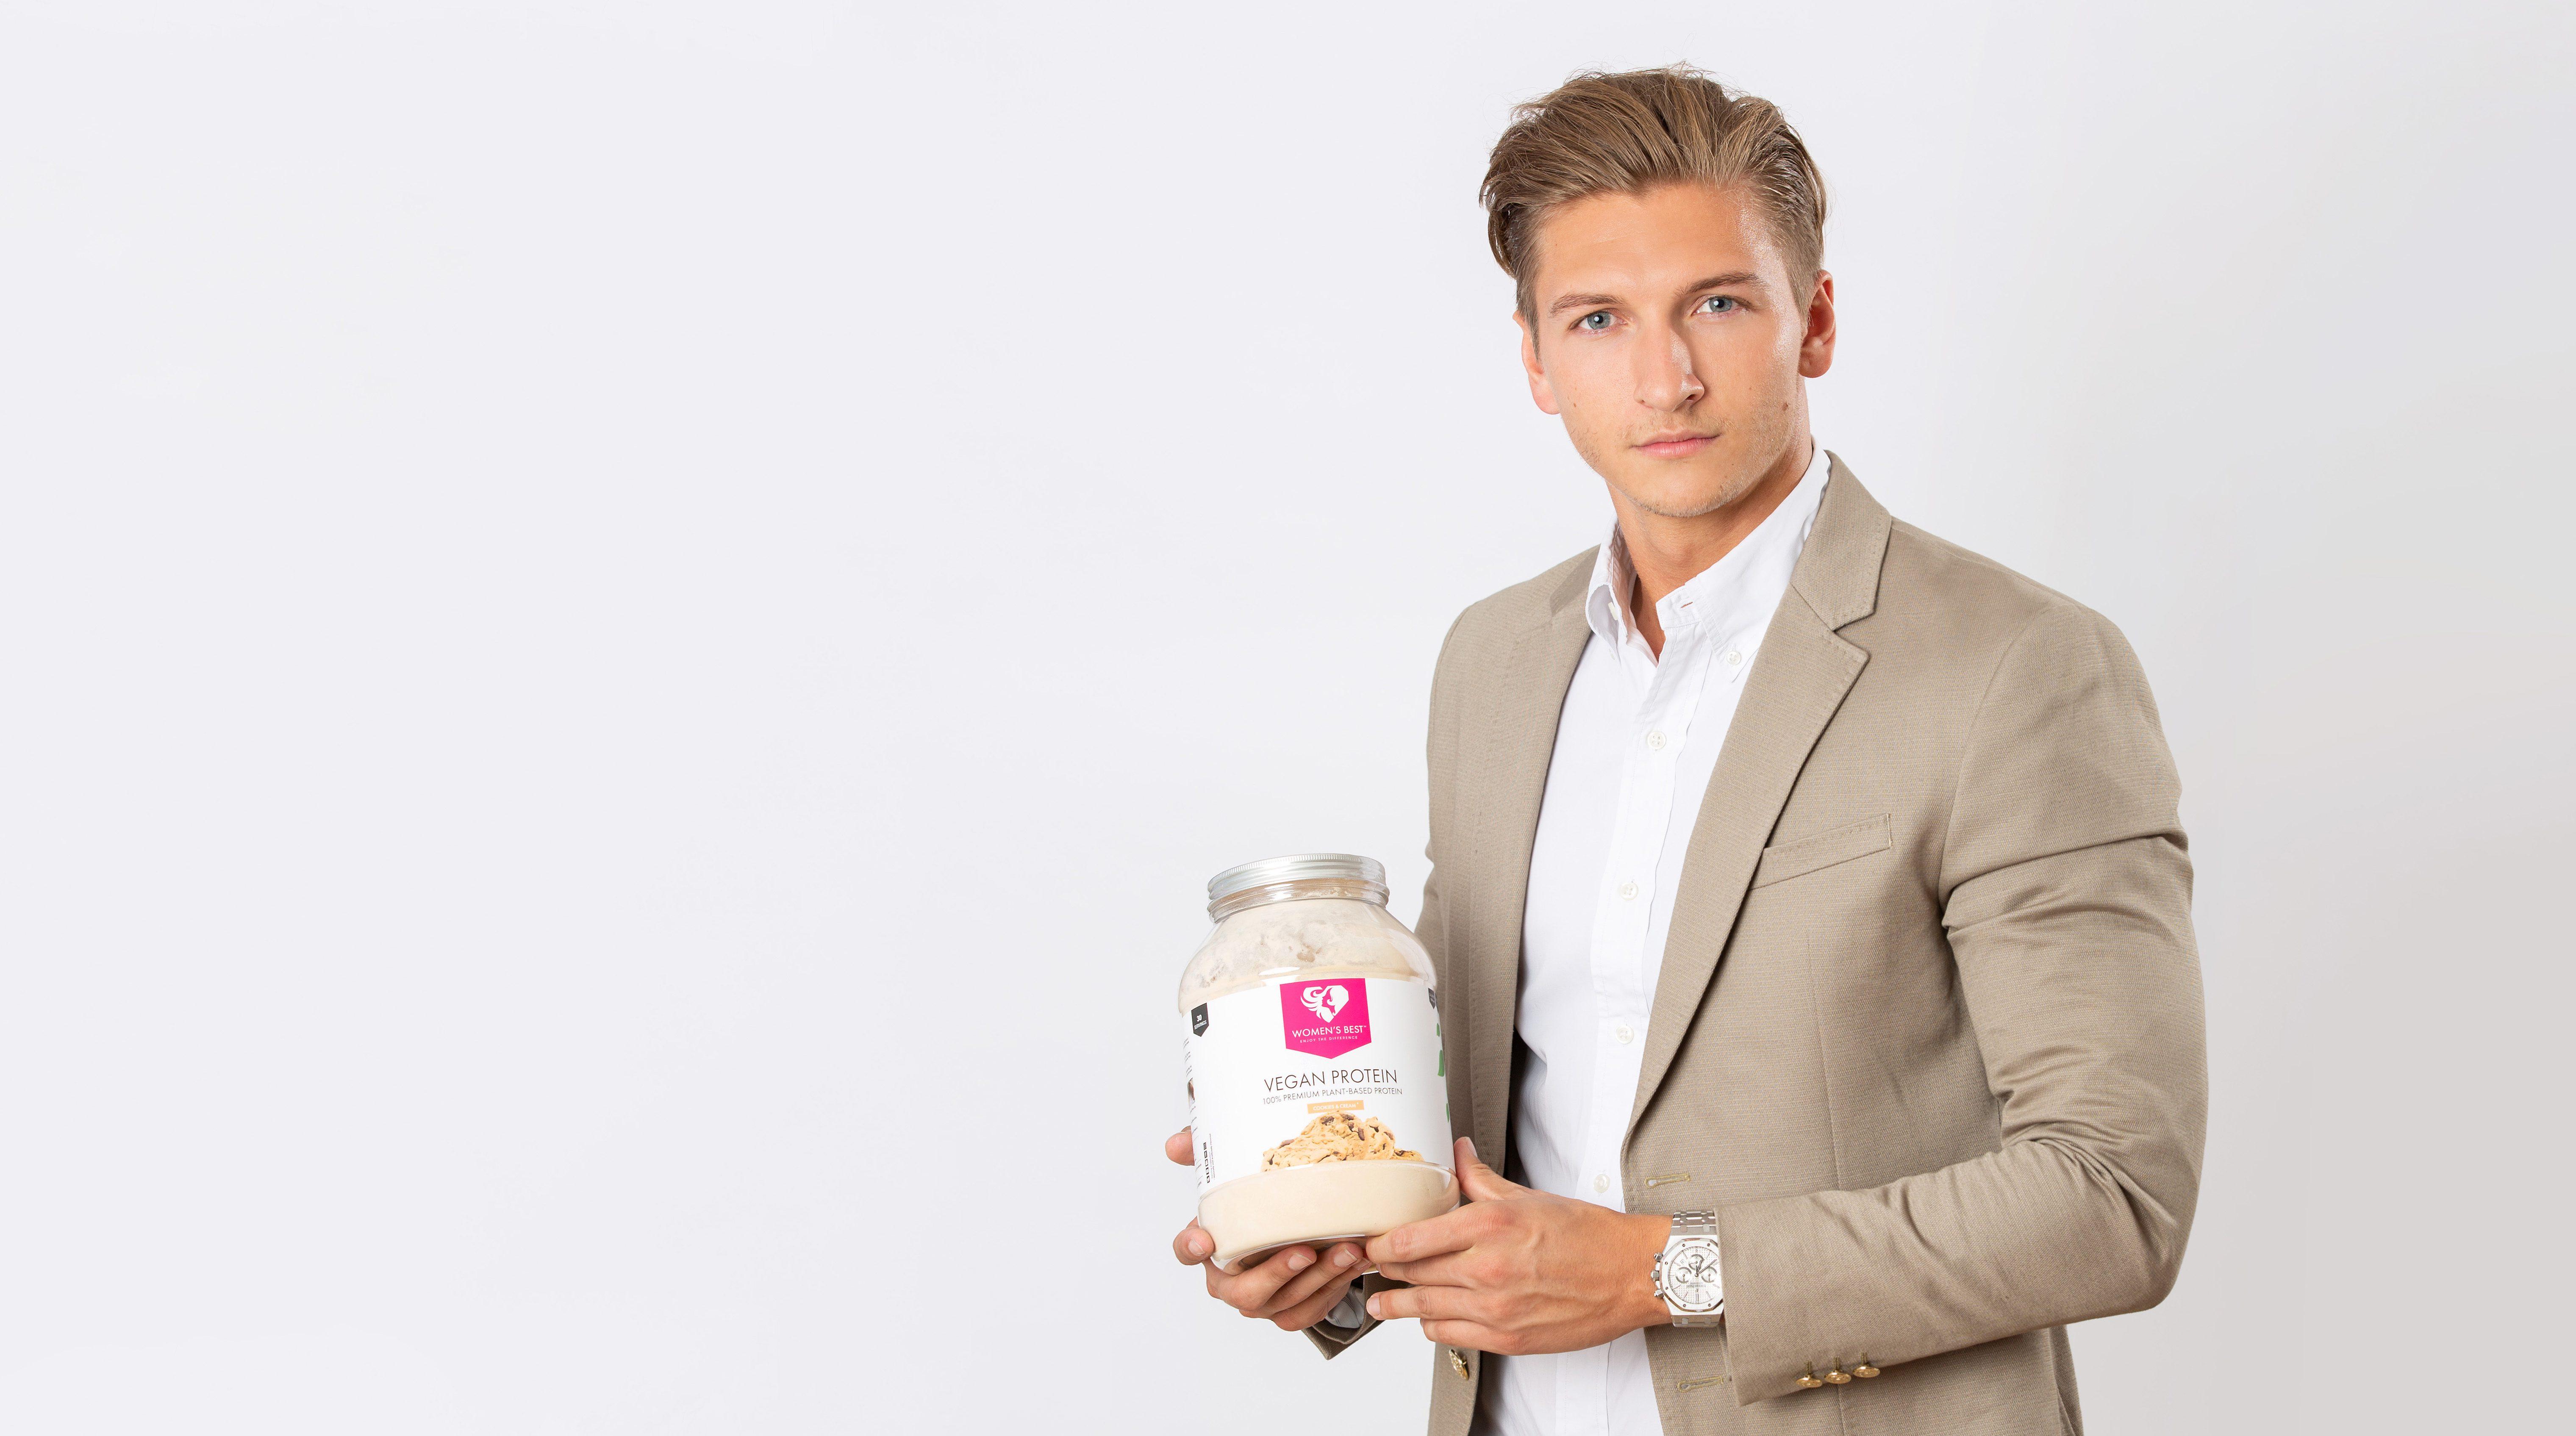 Women's Best Founder Lukas Kurzmann